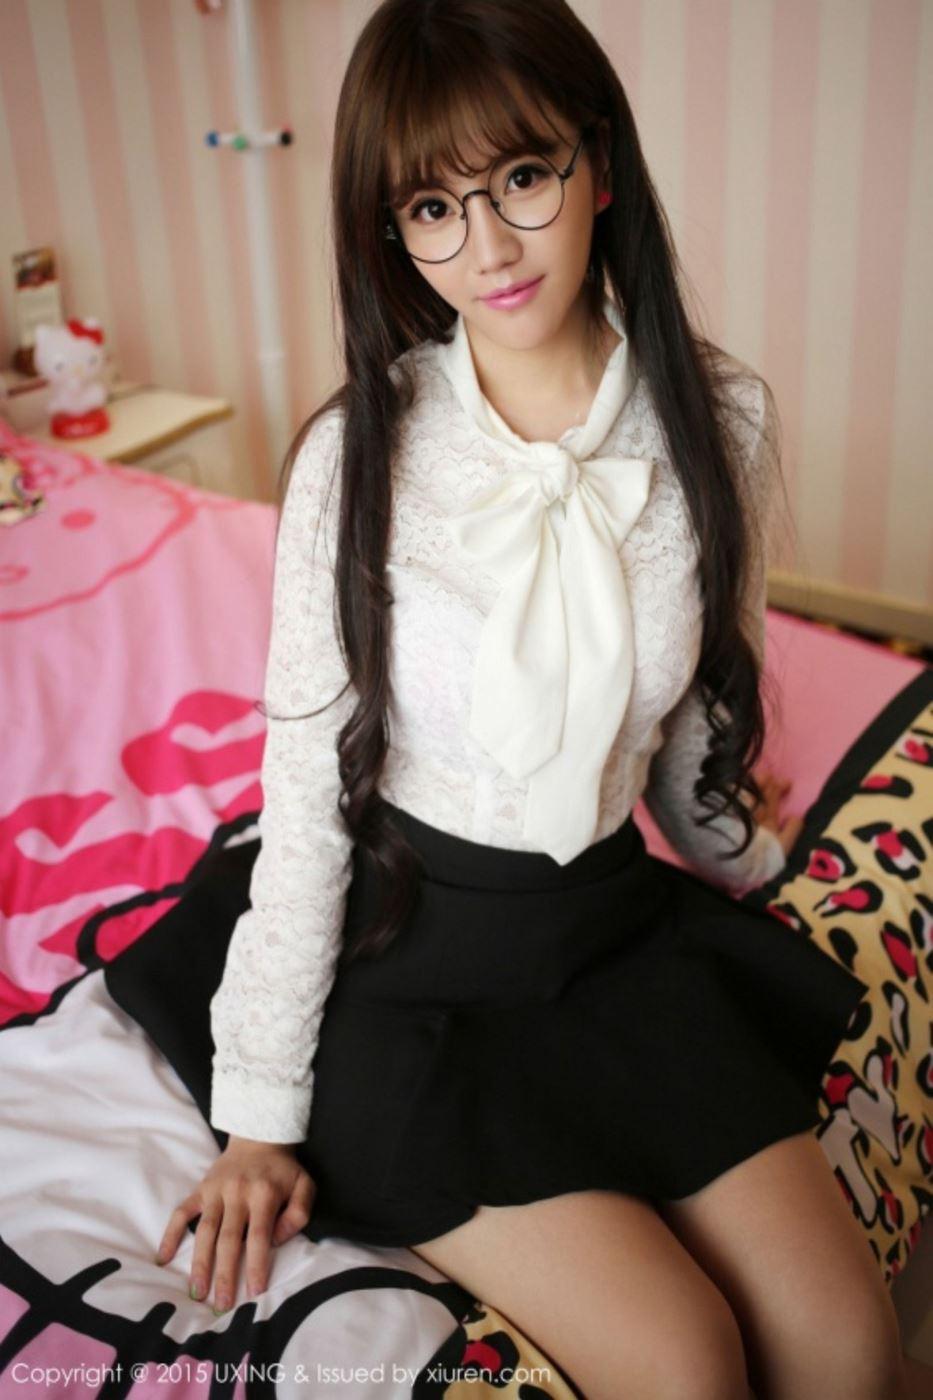 星优馆萌妹子艾西Ashley超短裙秀美腿清纯美女写真图片